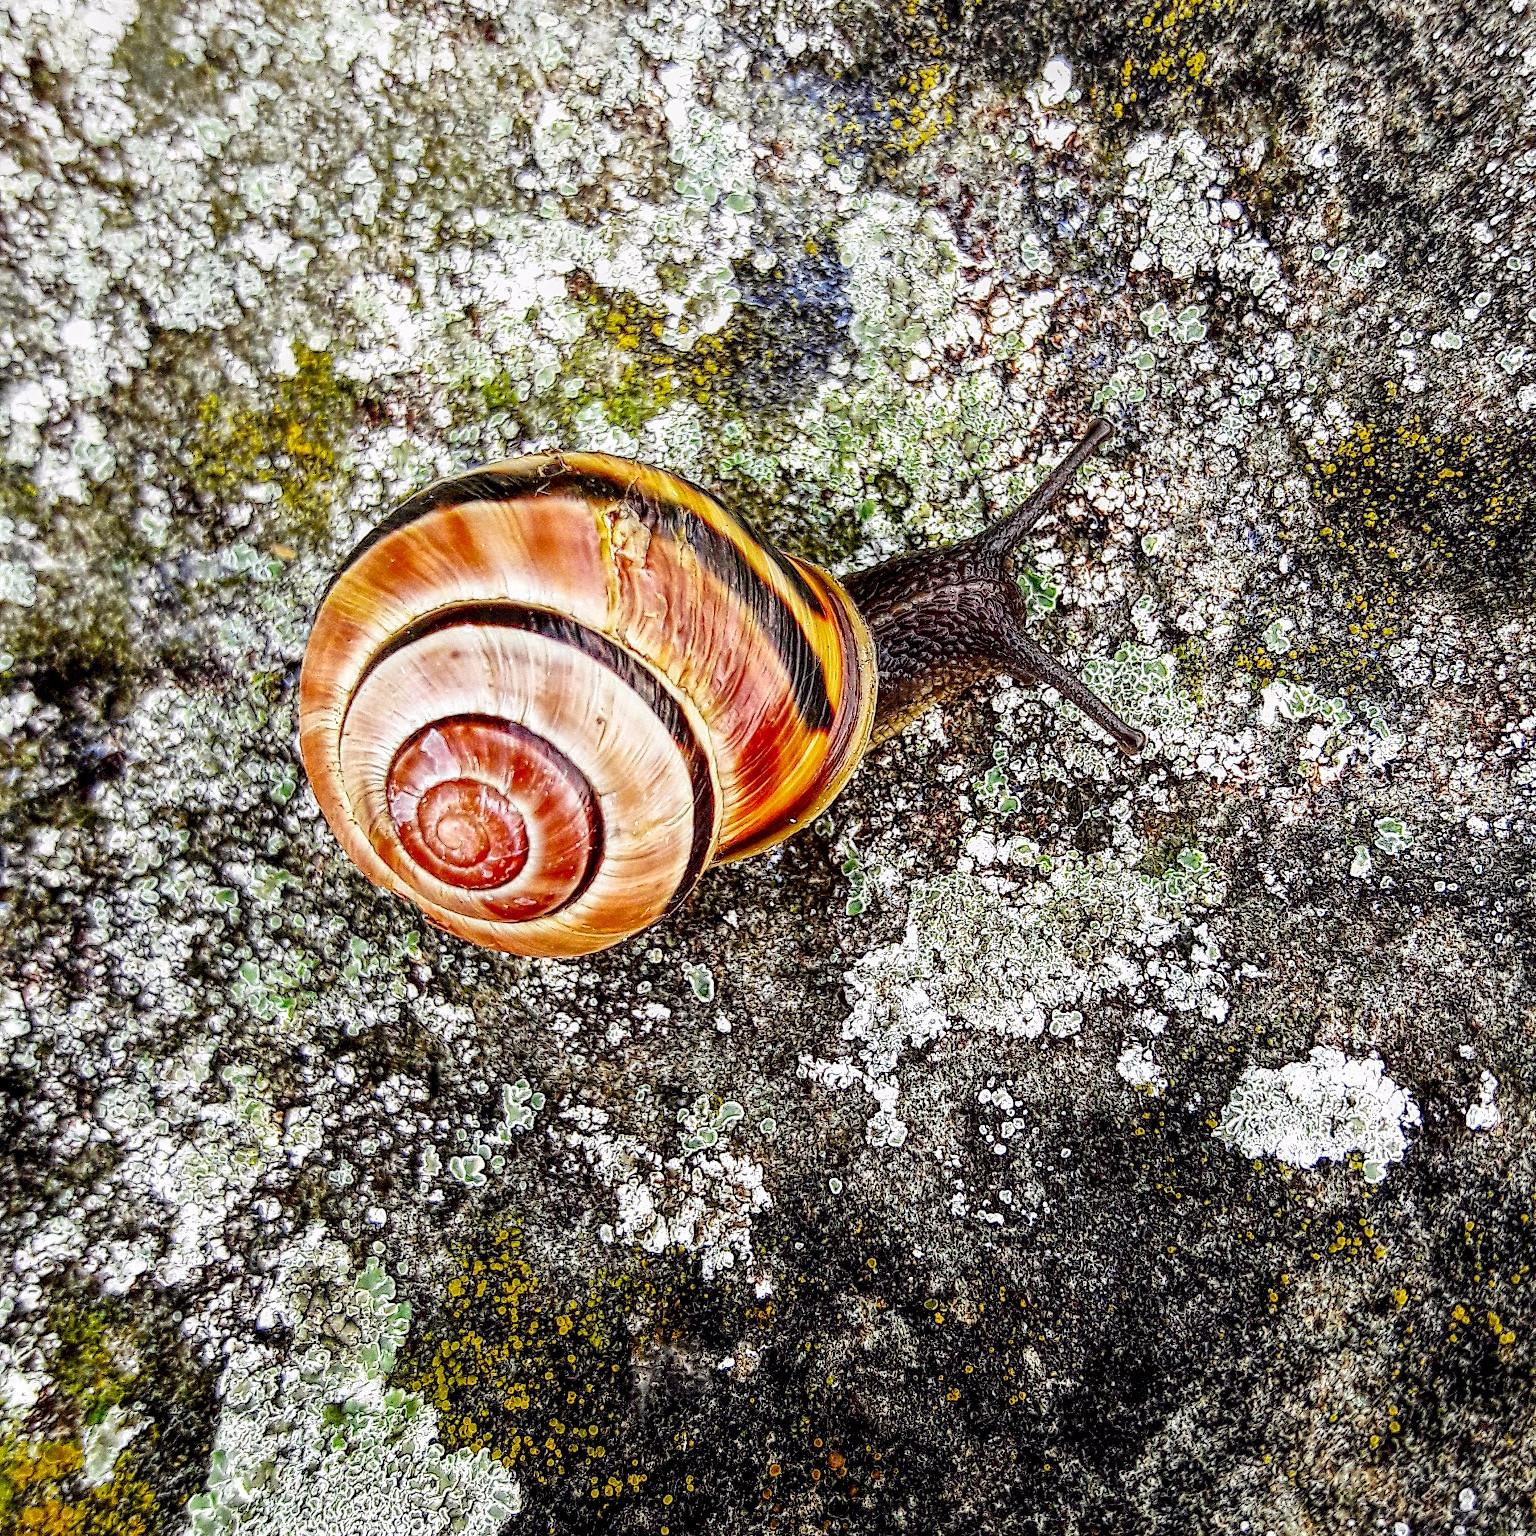 Snail - color, colorful, nature - klausheeskens | ello